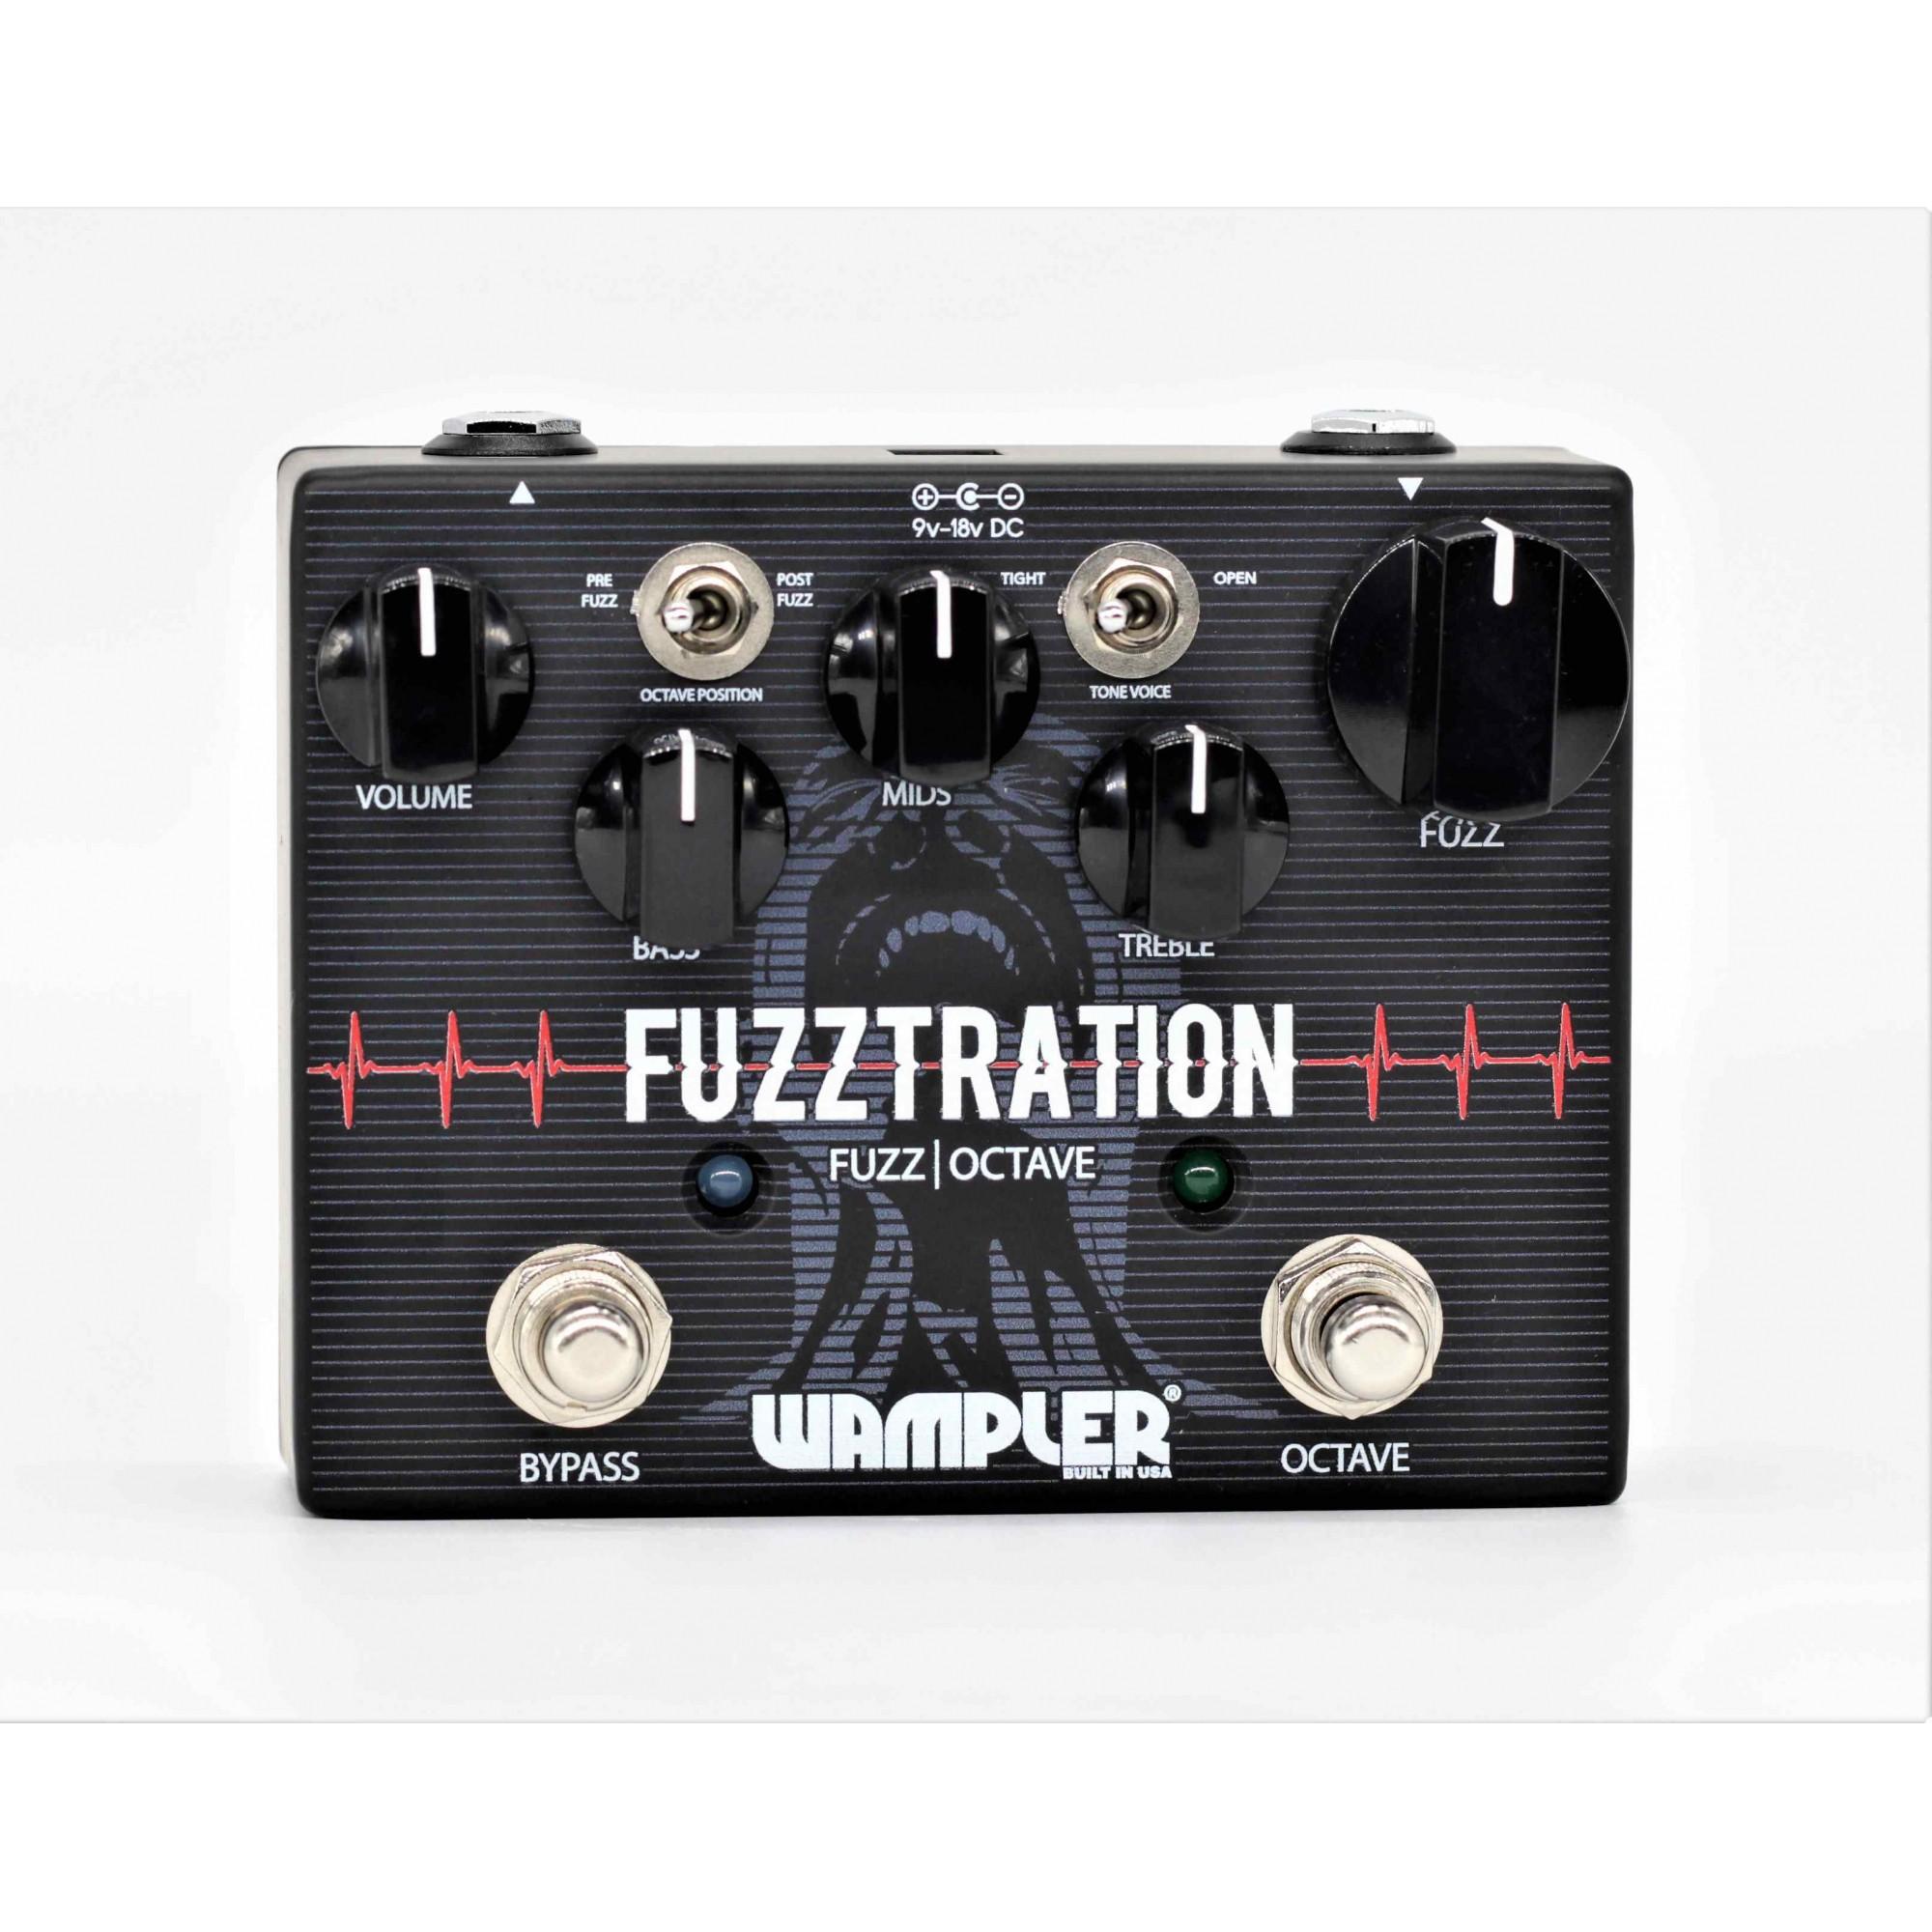 Wampler Pedals Fuzztration Fuzz